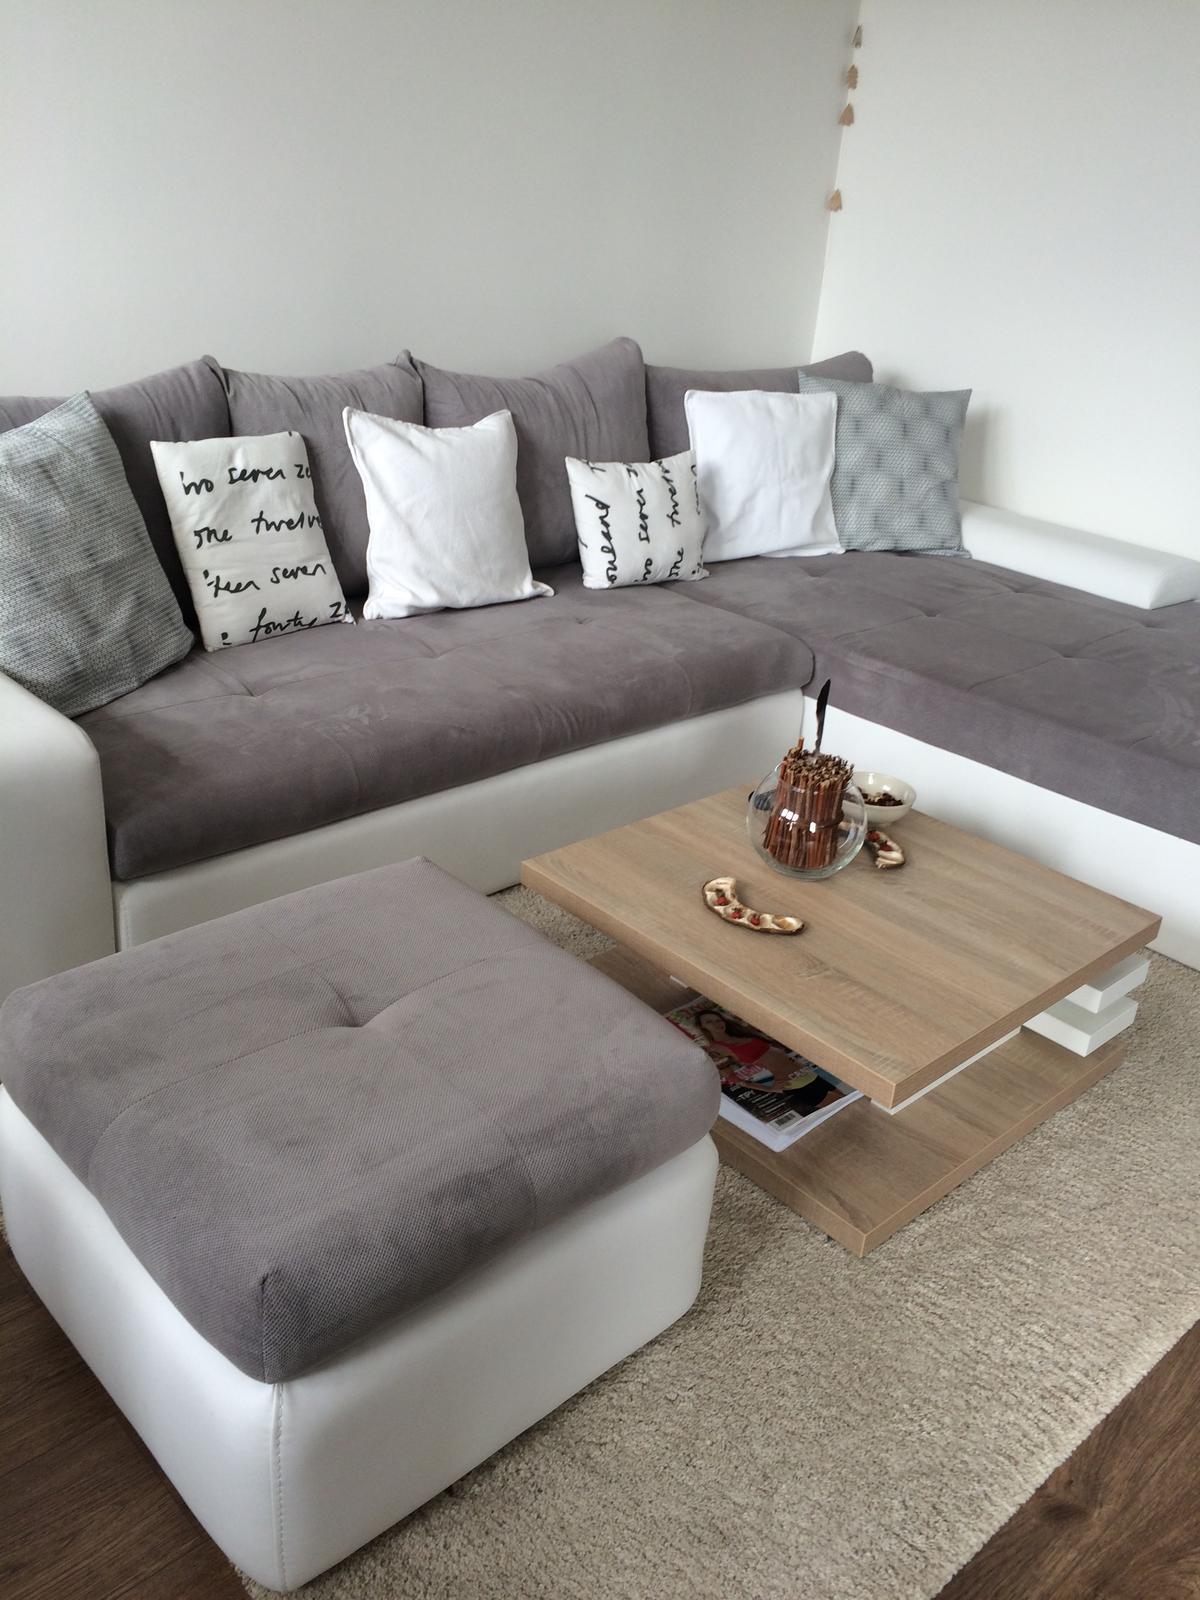 My lovely home 2+kk - Obrázek č. 117